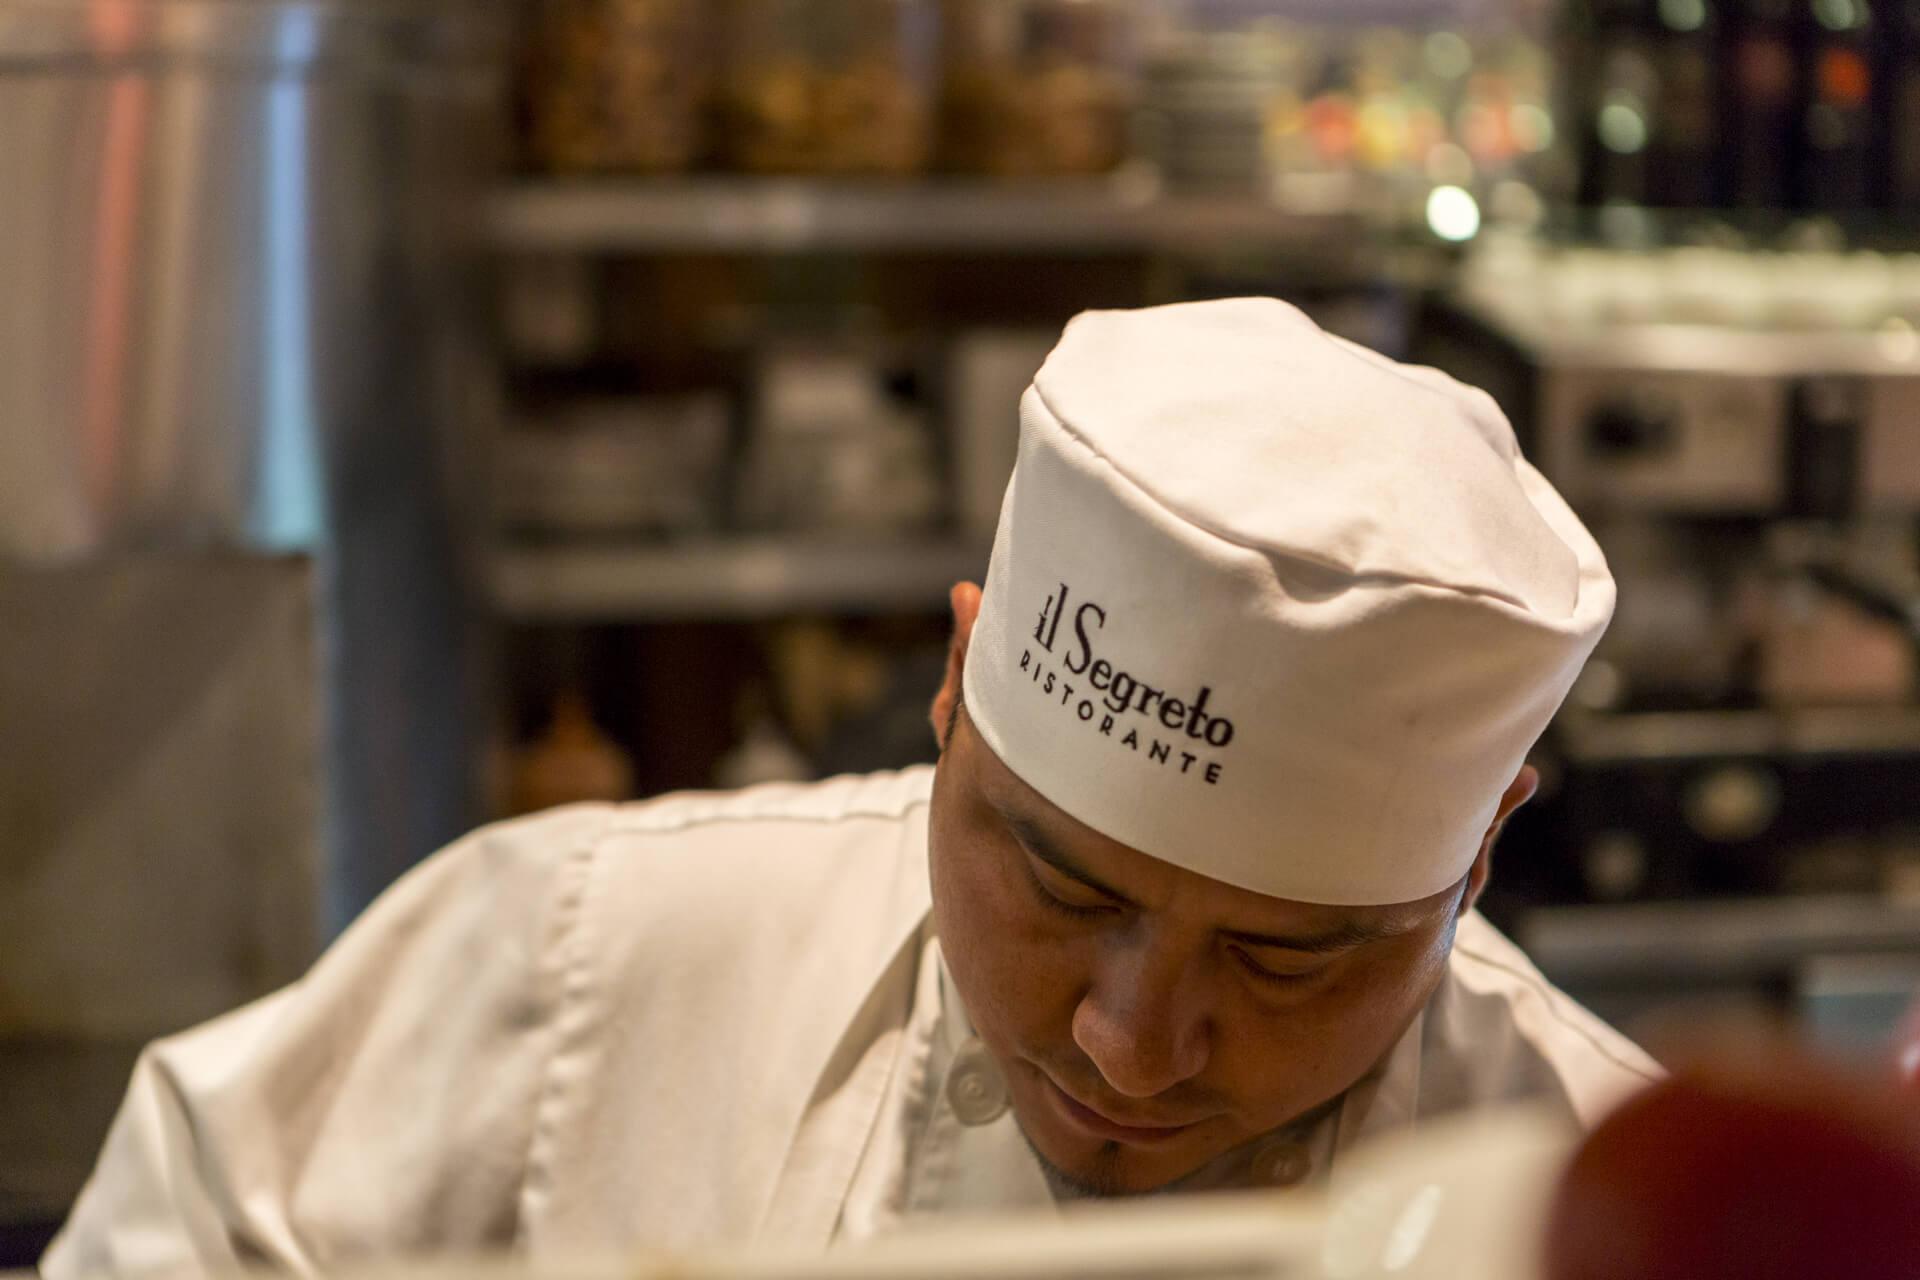 Il Segreto Italian Chef-1781898097